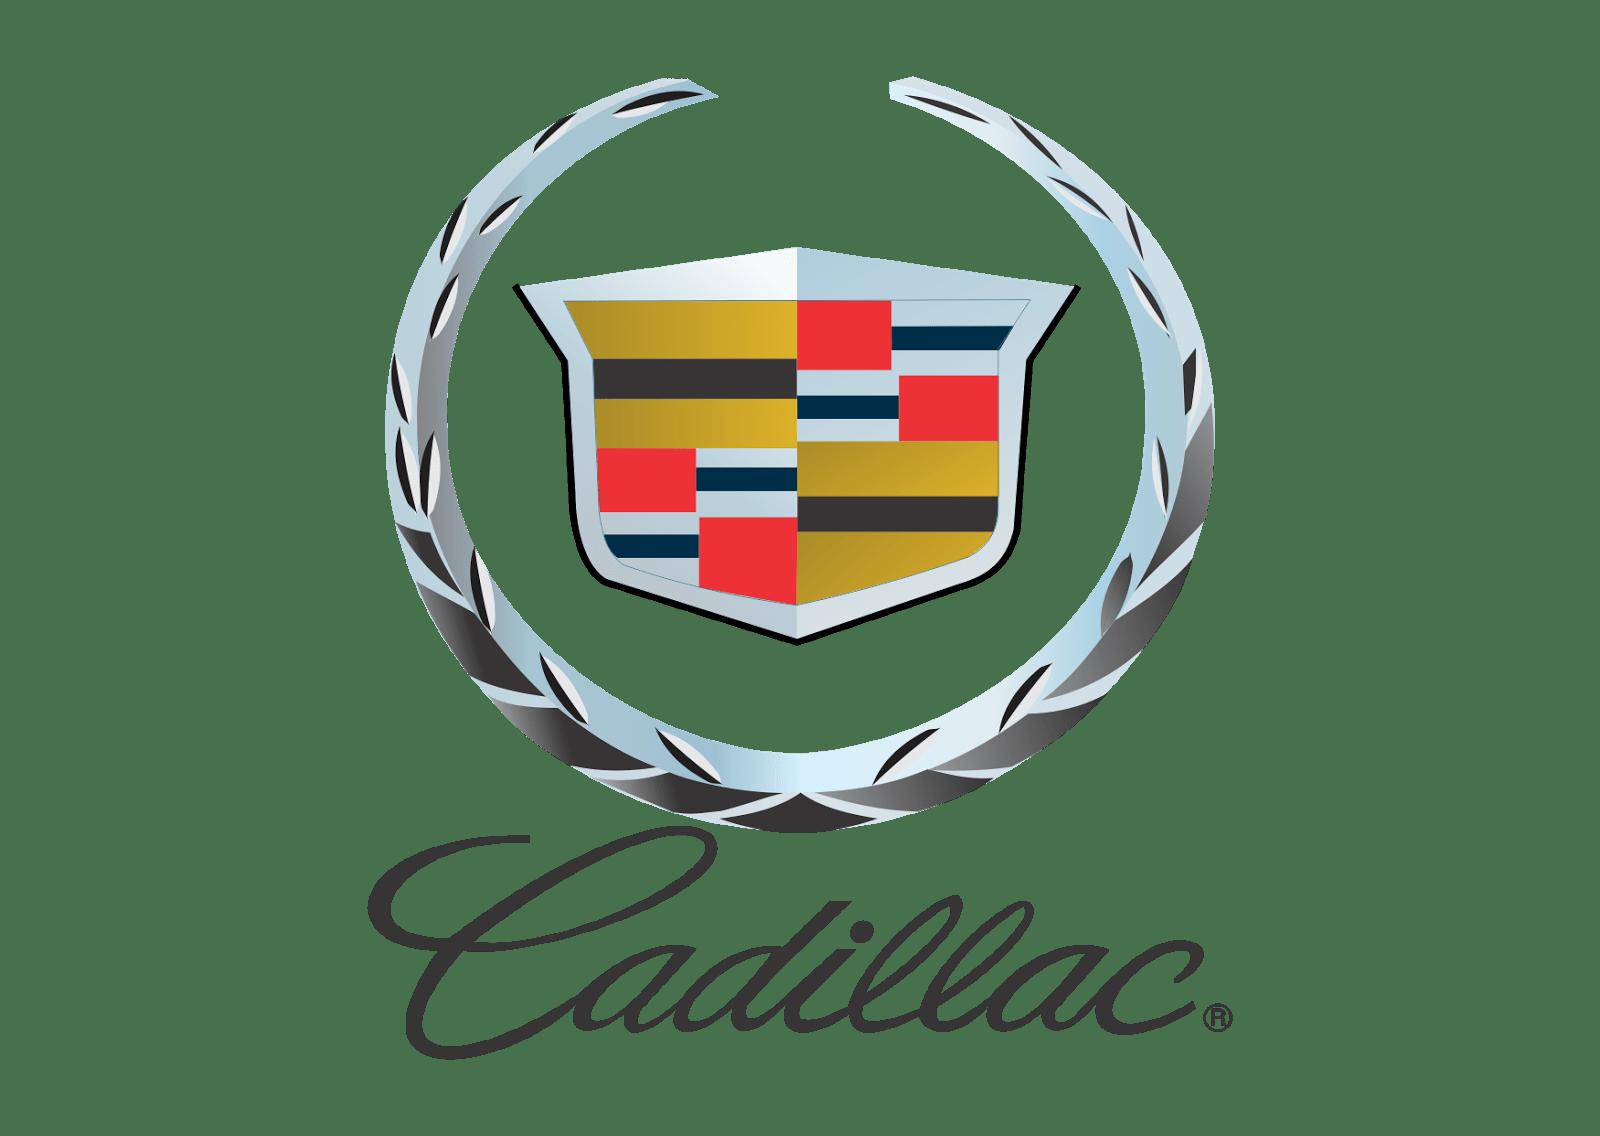 Caddilac